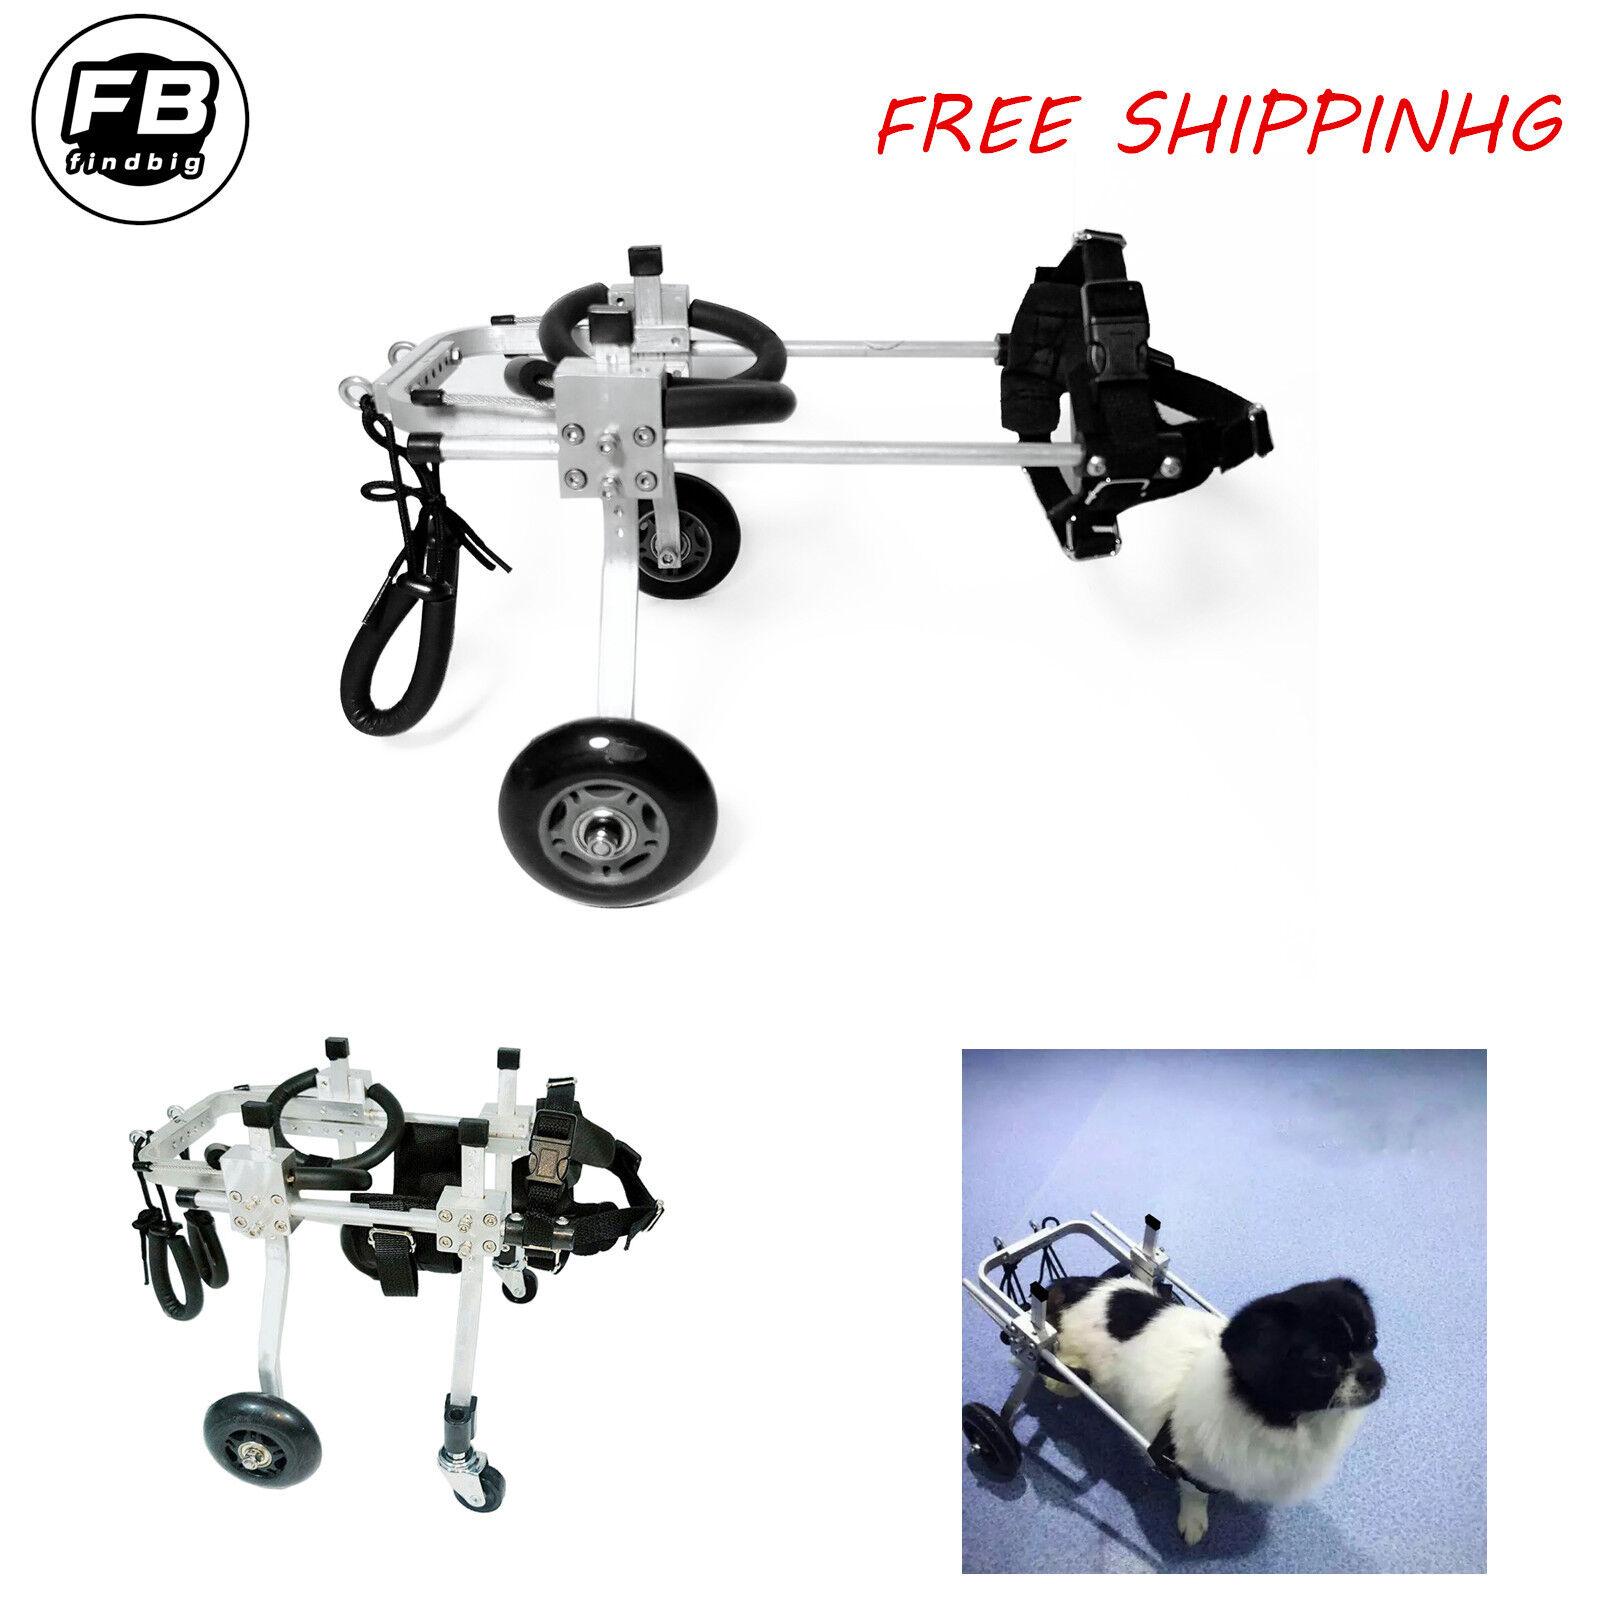 prezzi più bassi 4 Types Cart Pet Dog Wheelchair For Handicapped Handicapped Handicapped Small Dog Doggie  Puppy  Offriamo vari marchi famosi